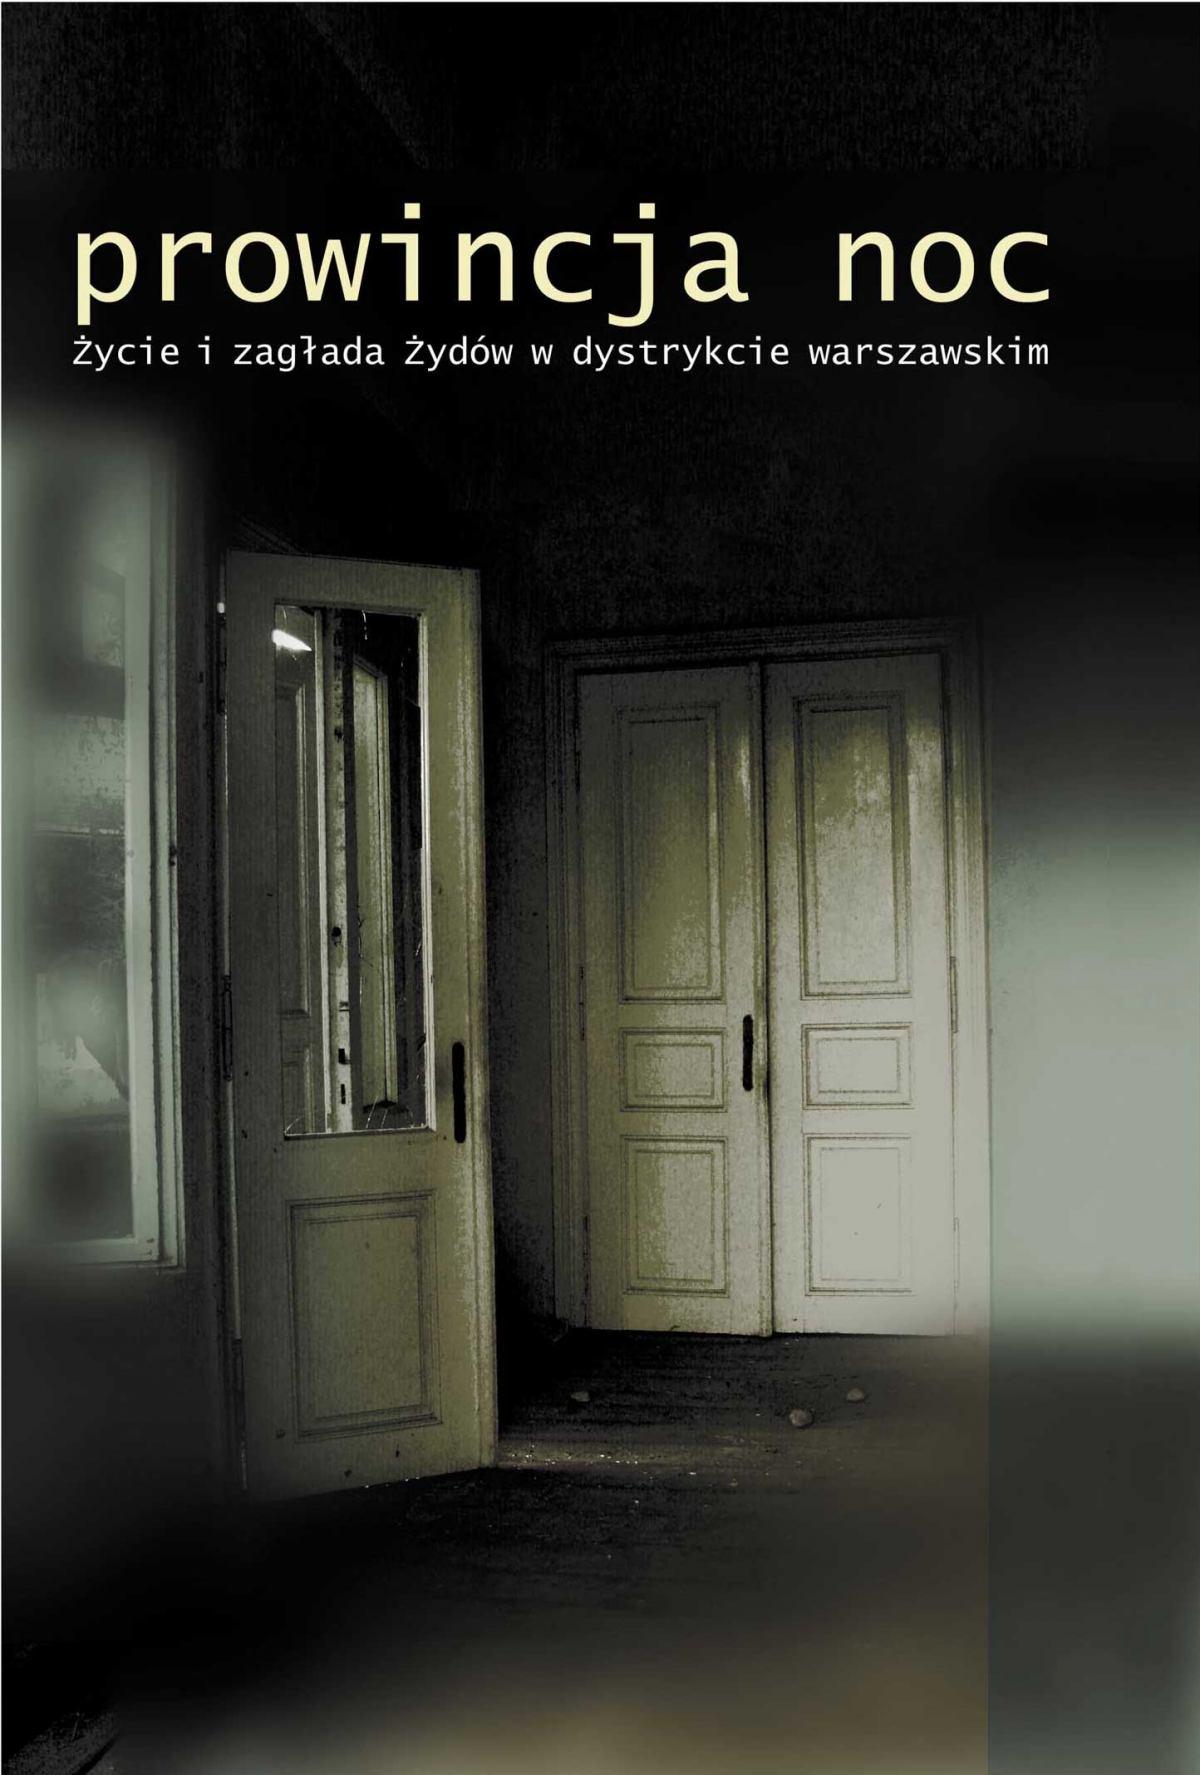 Prowincja Noc. Życie i zagłada Żydów w dystrykcie warszawskim - Ebook (Książka EPUB) do pobrania w formacie EPUB